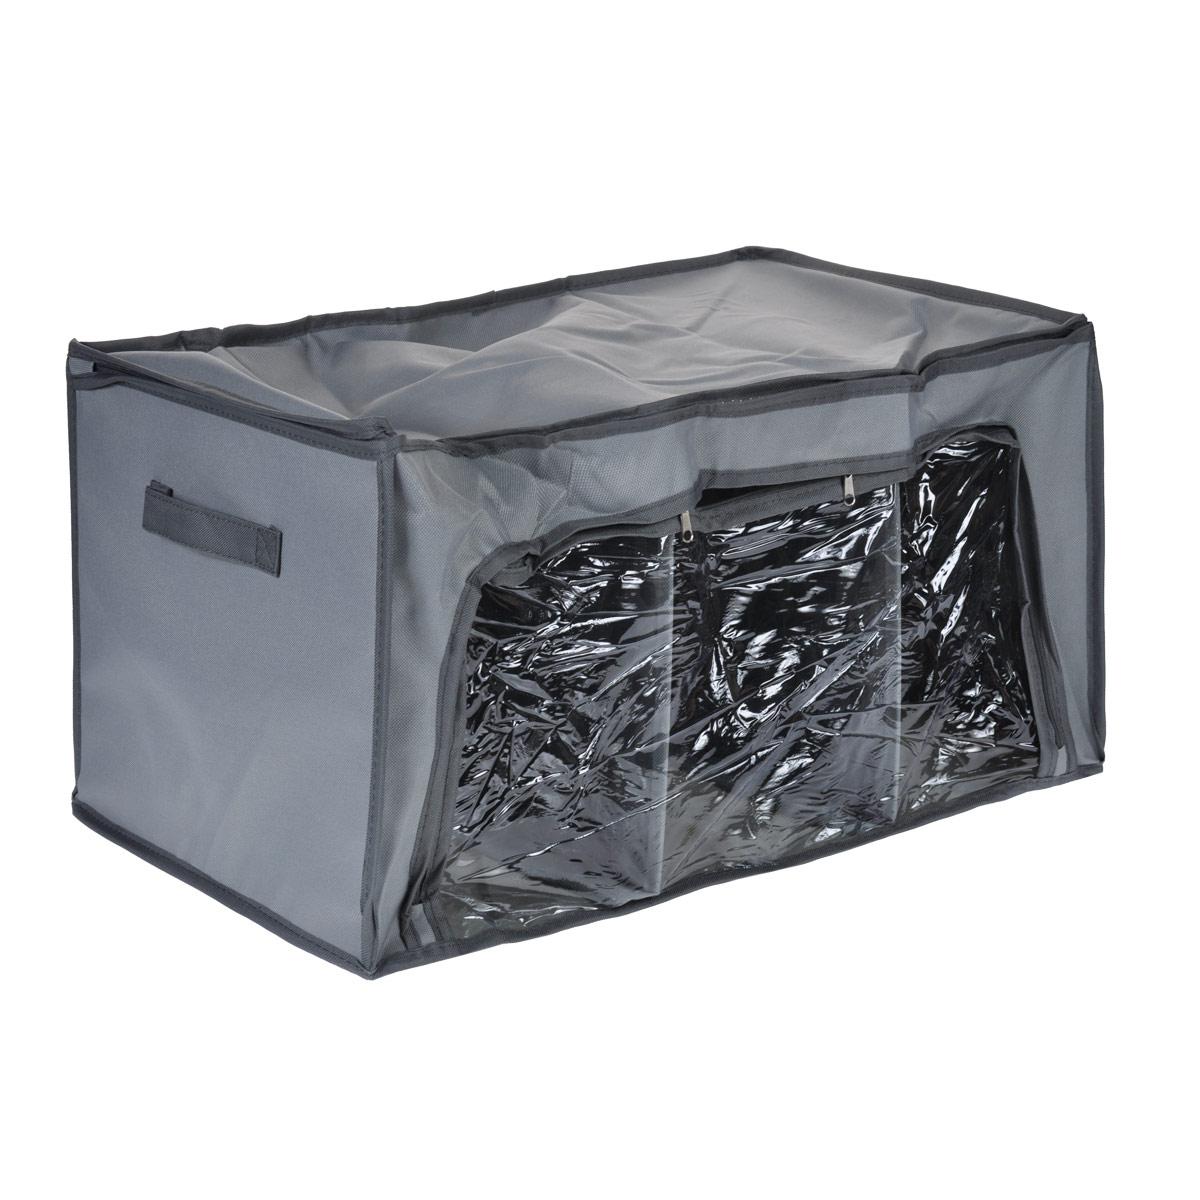 Кофр для хранения FS-6528P, цвет: серый, 56 х 36 х 30 смFS-6528PКофр для хранения FS-6528P изготовлен из высококачественного нетканого материала, который позволяет сохранять естественную вентиляцию, а воздуху свободно проникать внутрь, не пропуская пыль. Благодаря специальным вставкам, кофр прекрасно держит форму, а эстетичный дизайн гармонично смотрится в любом интерьере. Прозрачная полиэтиленовая вставка на передней стенке позволит вам без труда определить содержимое кофра. Кофр закрывается крышкой на застежку-молнию, по бокам имеются ручки. Передняя стенка кофра также открывается при помощи застежки-молнии. Мобильность конструкции обеспечивает складывание и раскладывание одним движением.Такой кофр сэкономит место и сохранит порядок в доме. Характеристики:Материал: нетканый материал, полиэтилен. Цвет: серый. Размер кофра (Ш х Д х В): 56 см х 36 см х 30 см.